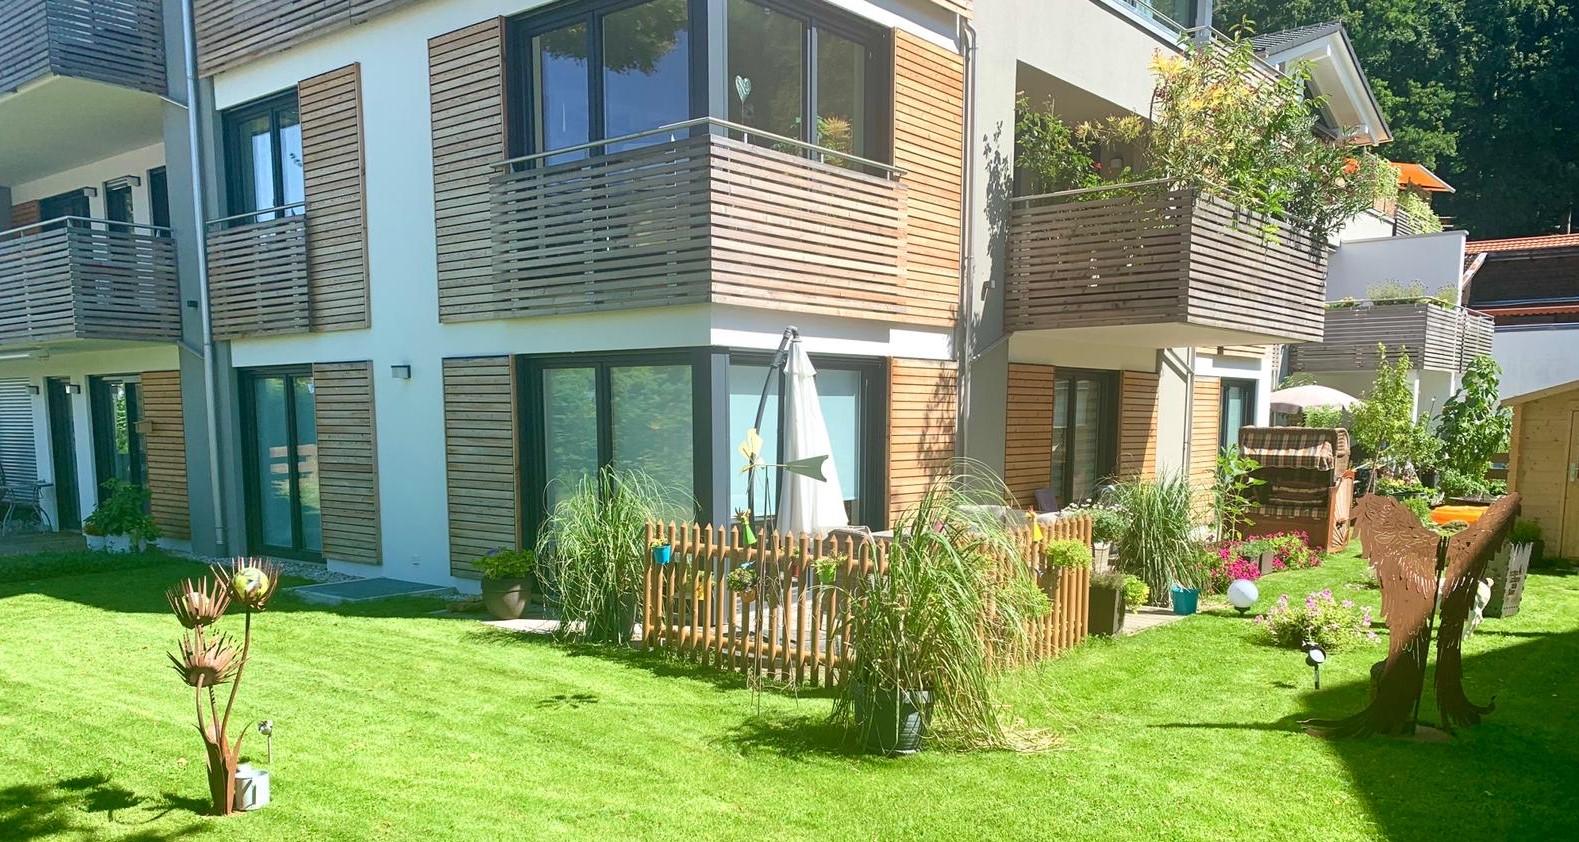 Große, moderne 3-Zimmer-Wohnung mit Terrasse und Garten in Prien am Chiemsee in